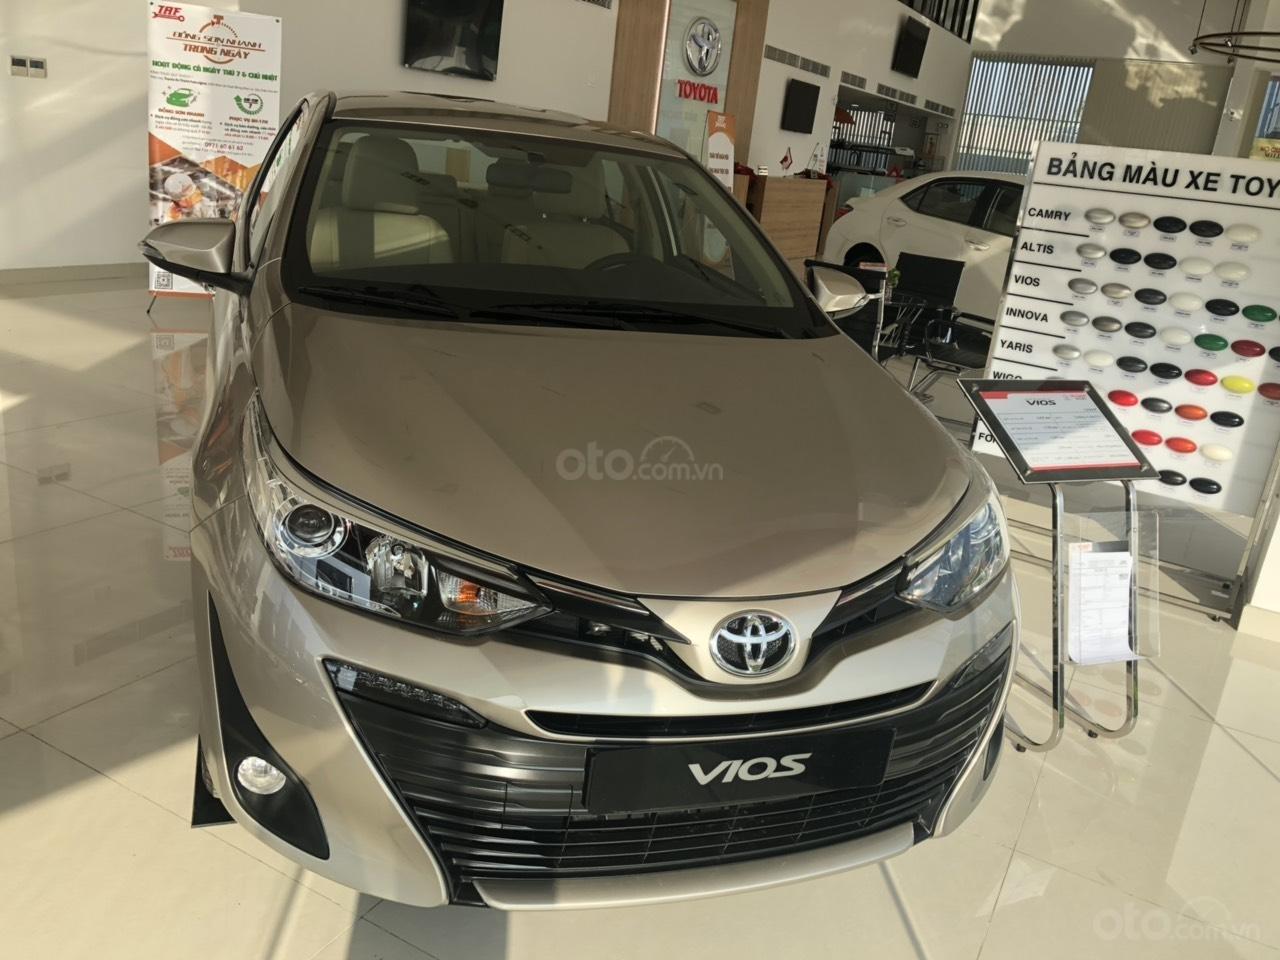 Toyota Vios 1.5G đời 2020, giá tốt - tặng 1 năm bảo hiểm thân xe (1)